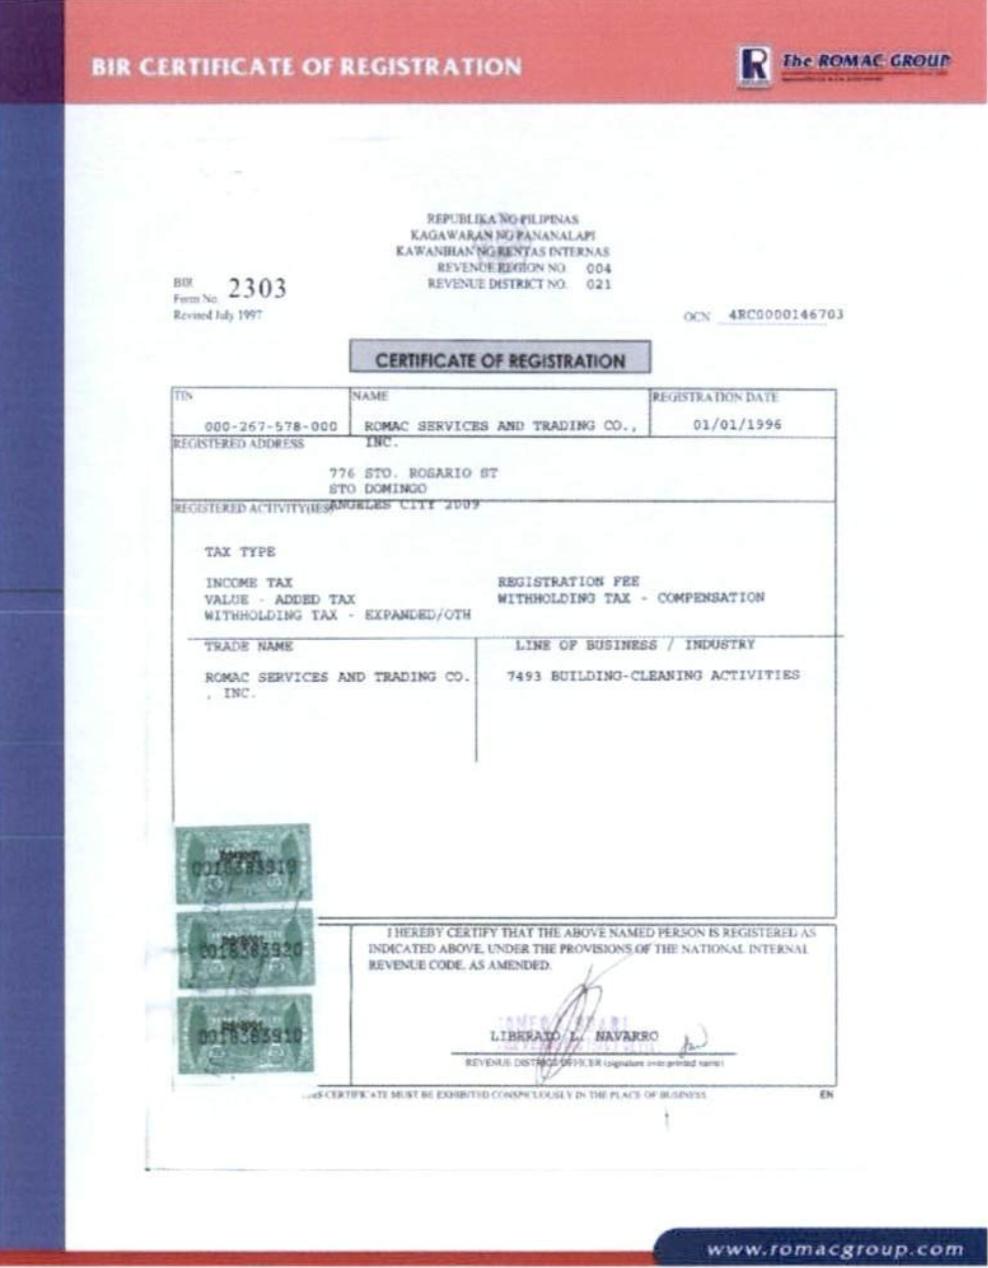 BIR Registration